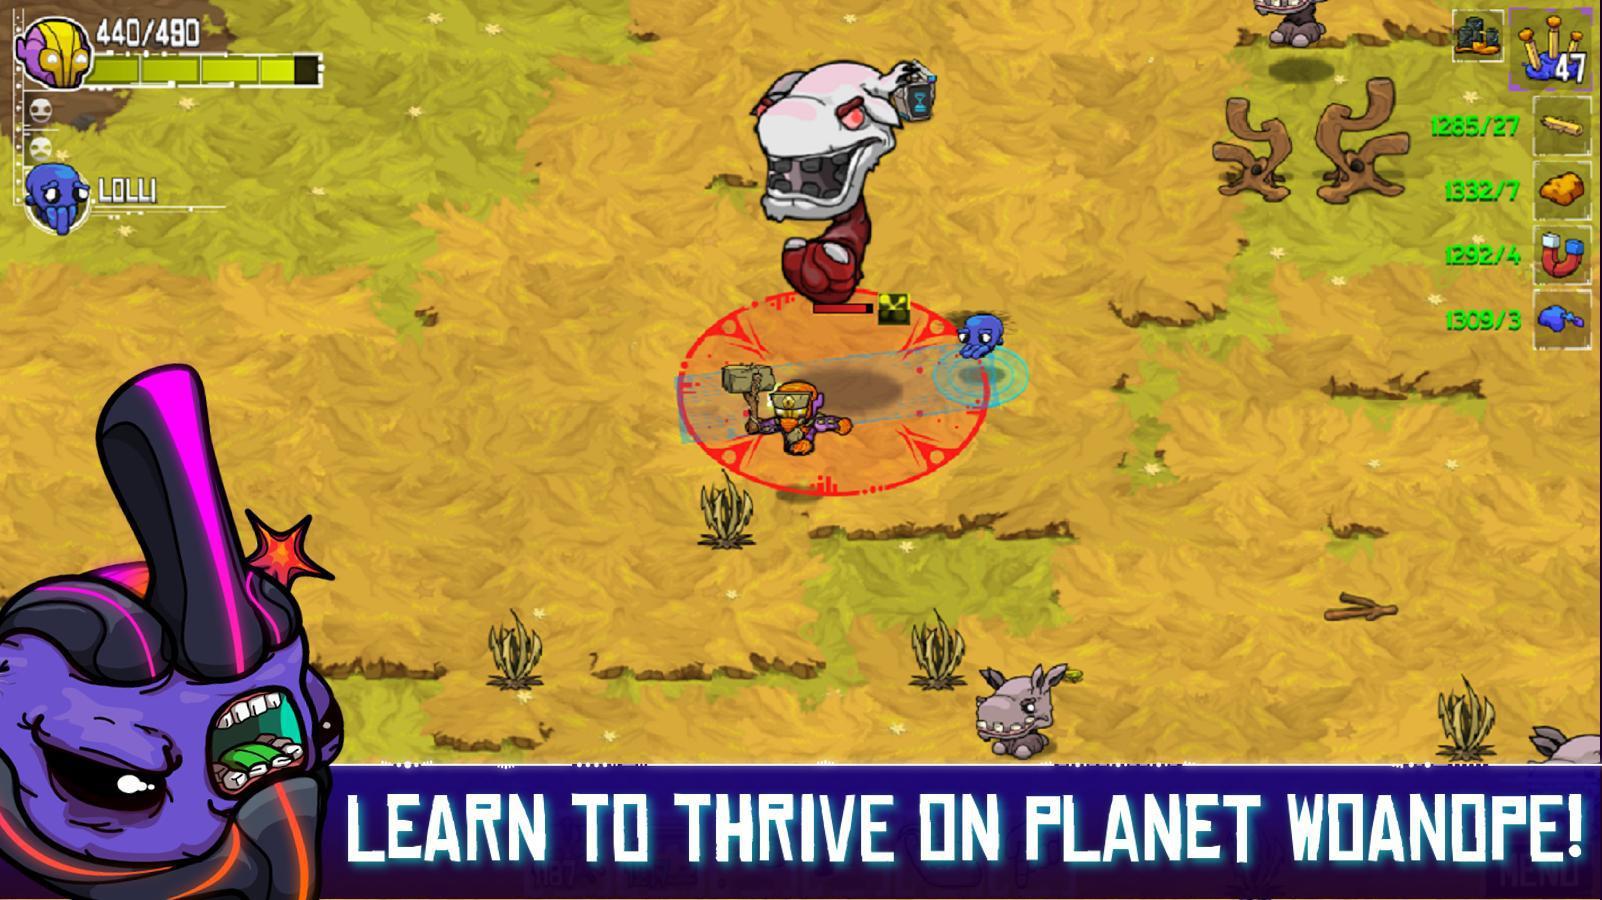 《崩溃大陆Crashlands》第一个boss打法分享